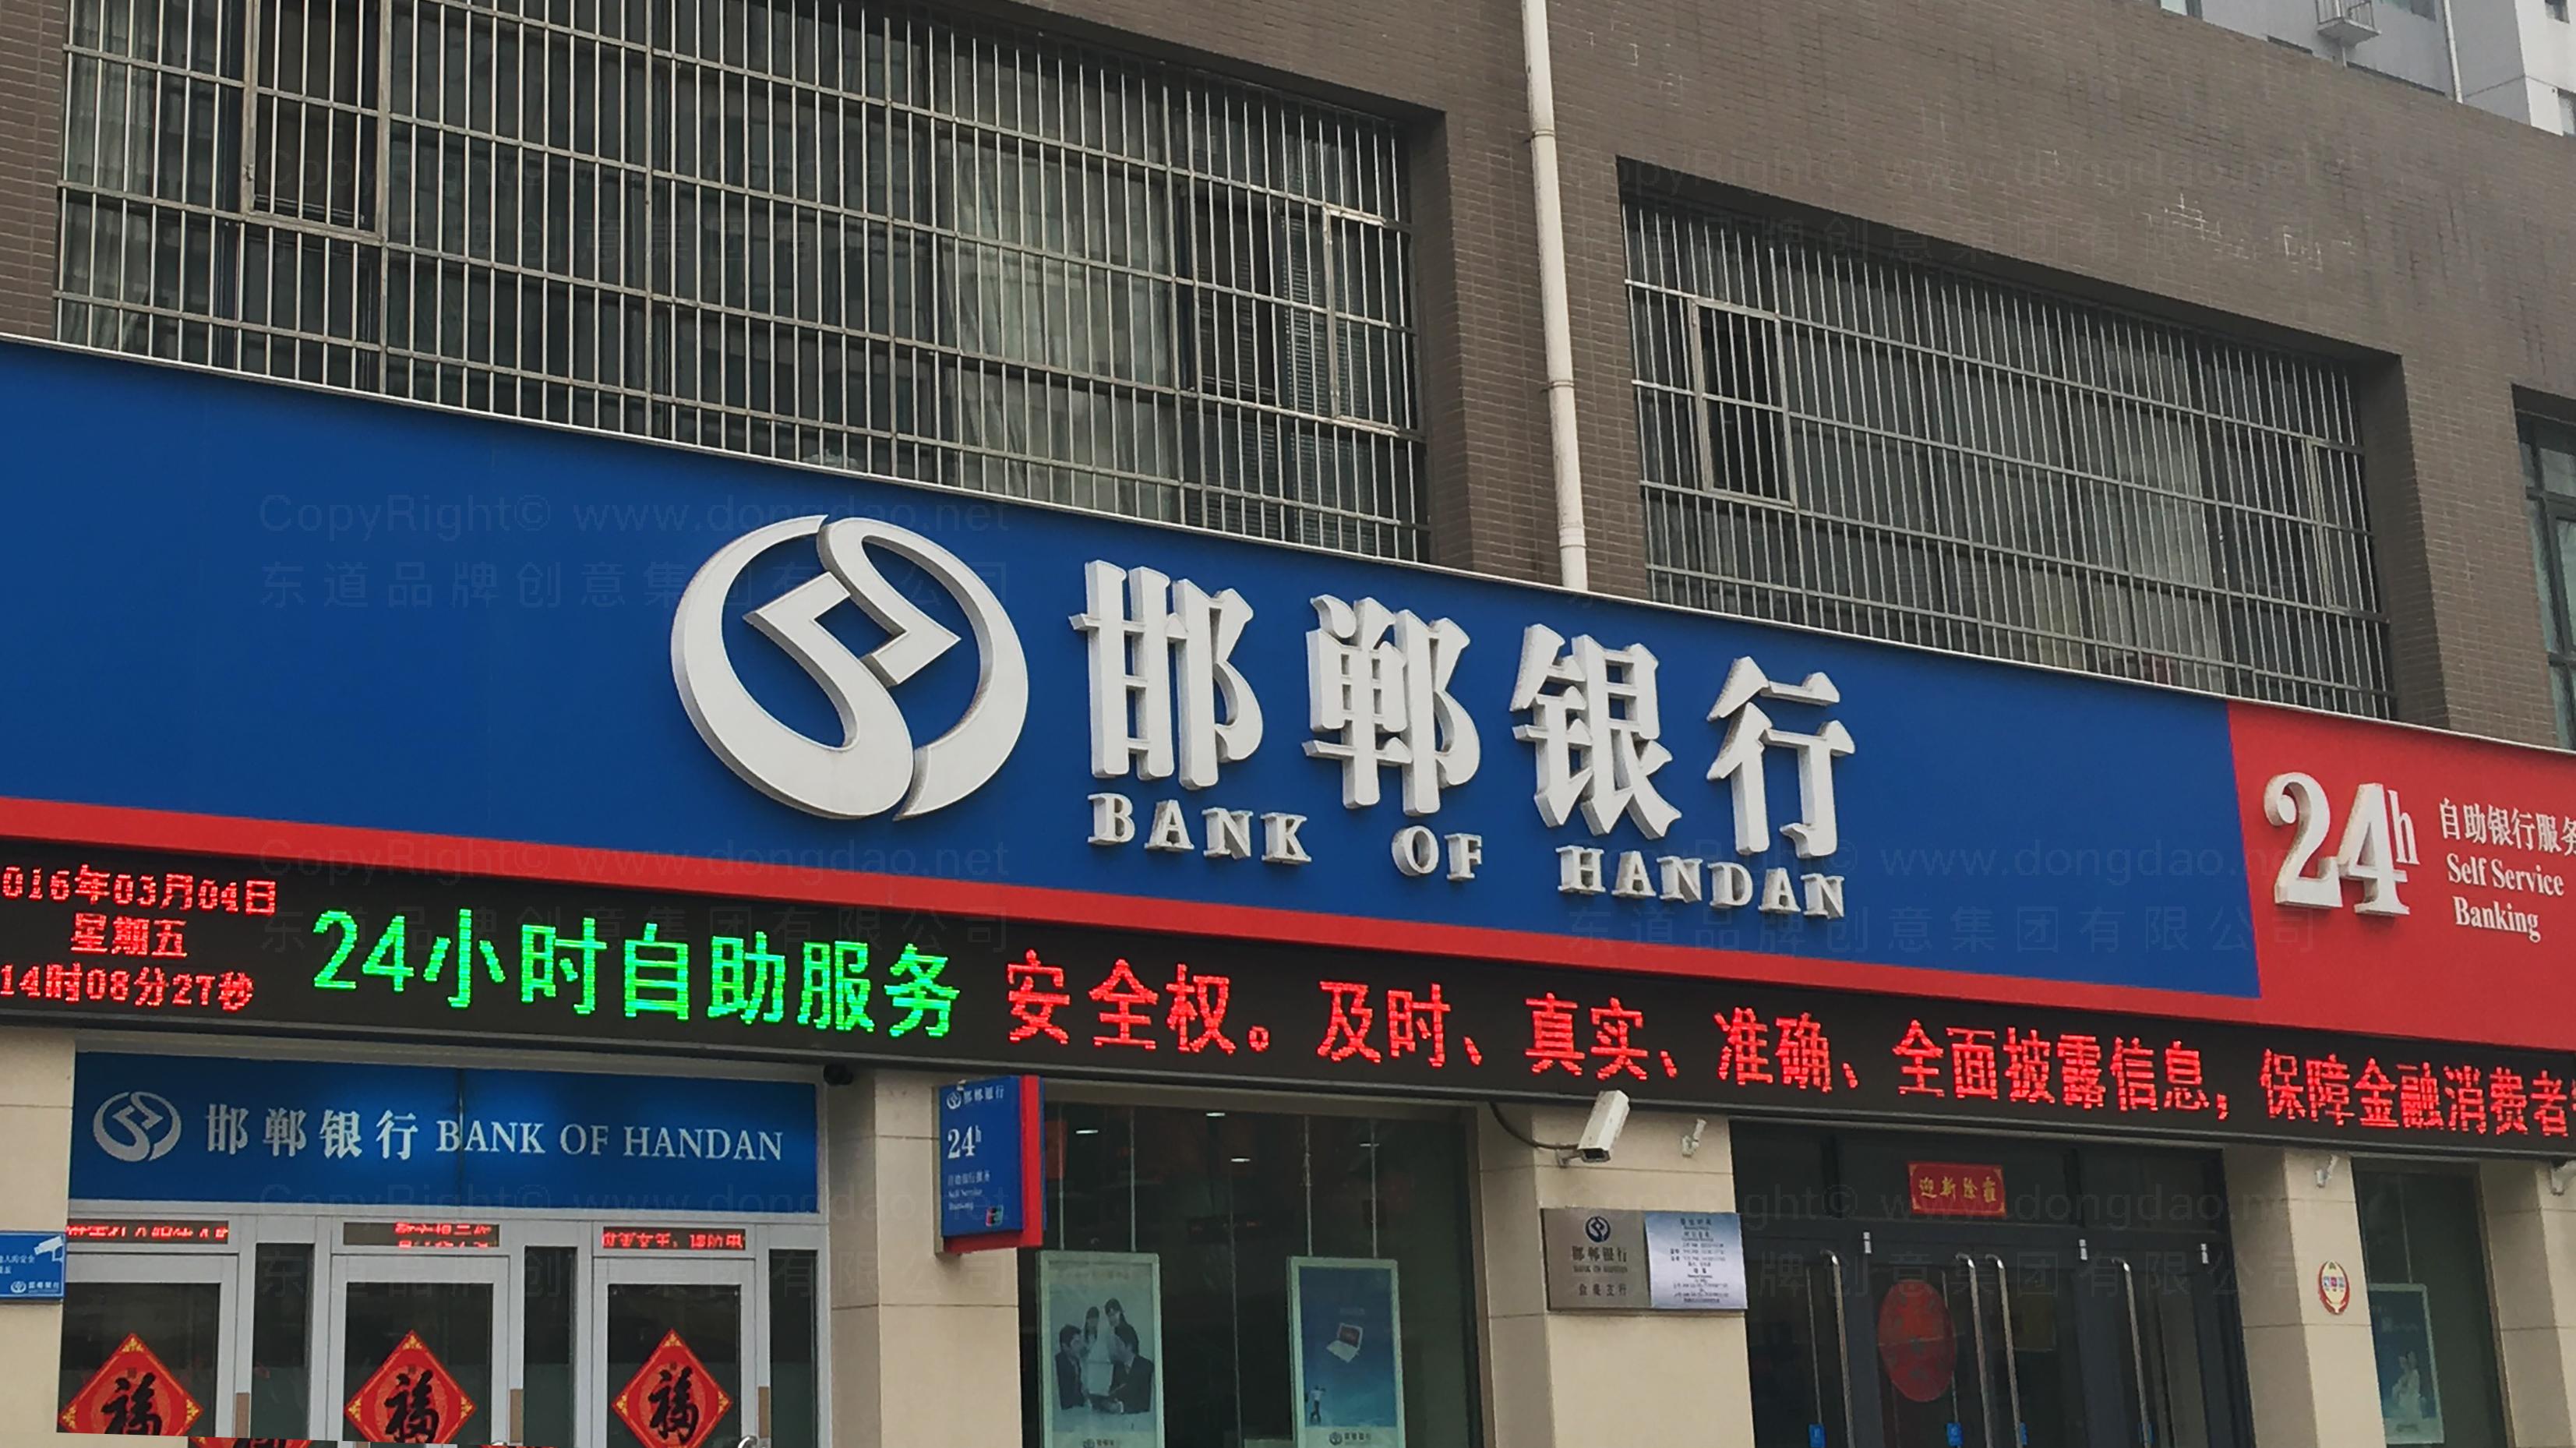 落地工程邯郸银行标识工程应用场景_17